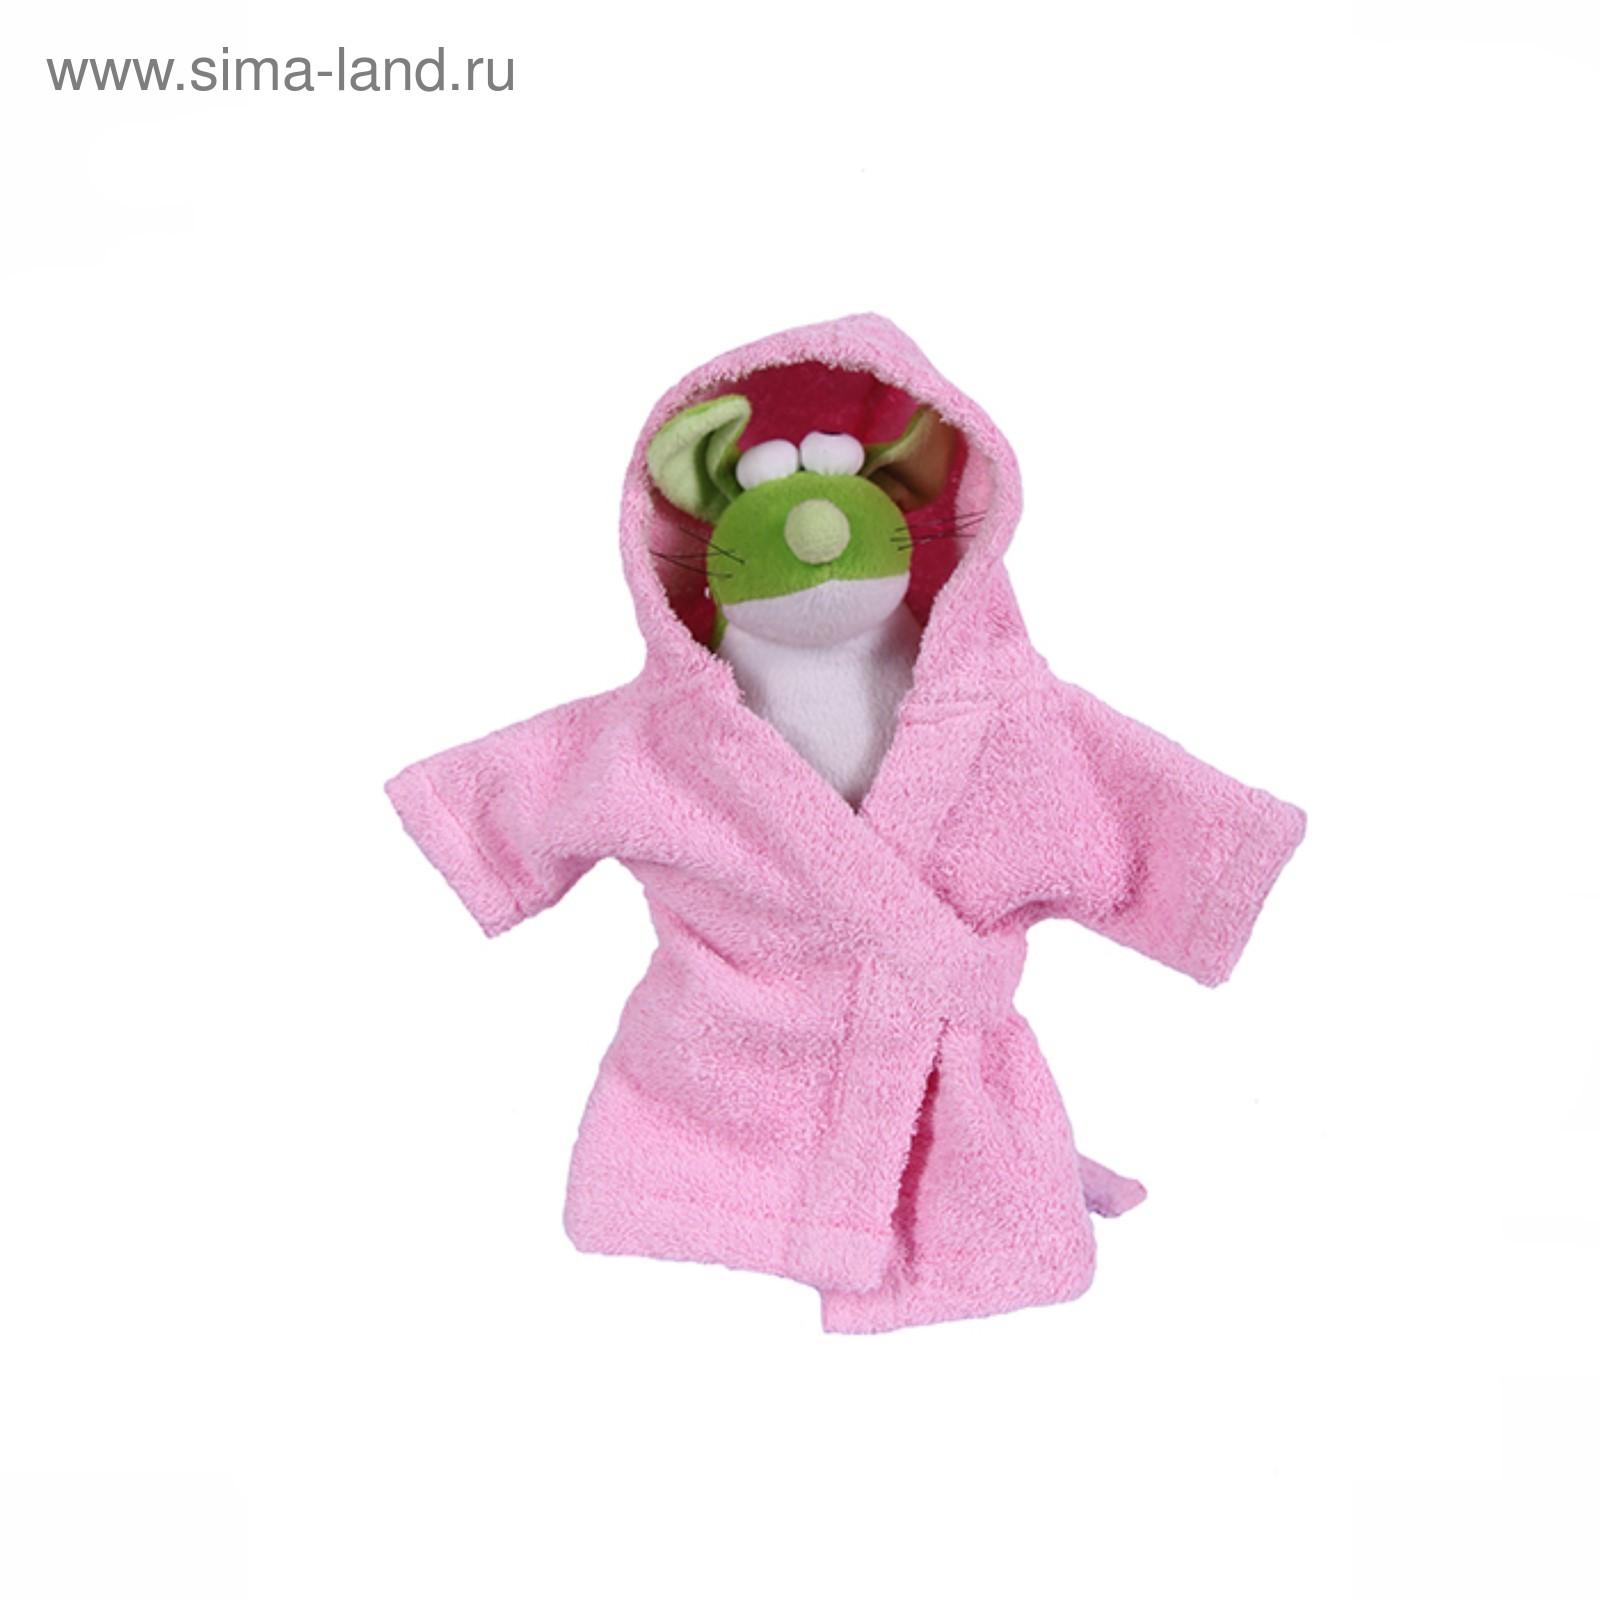 5ae344a064f7b Халат Pretty Pet, размер М (ДС 28-30 см, ОГ 41-43 см), розовый ...